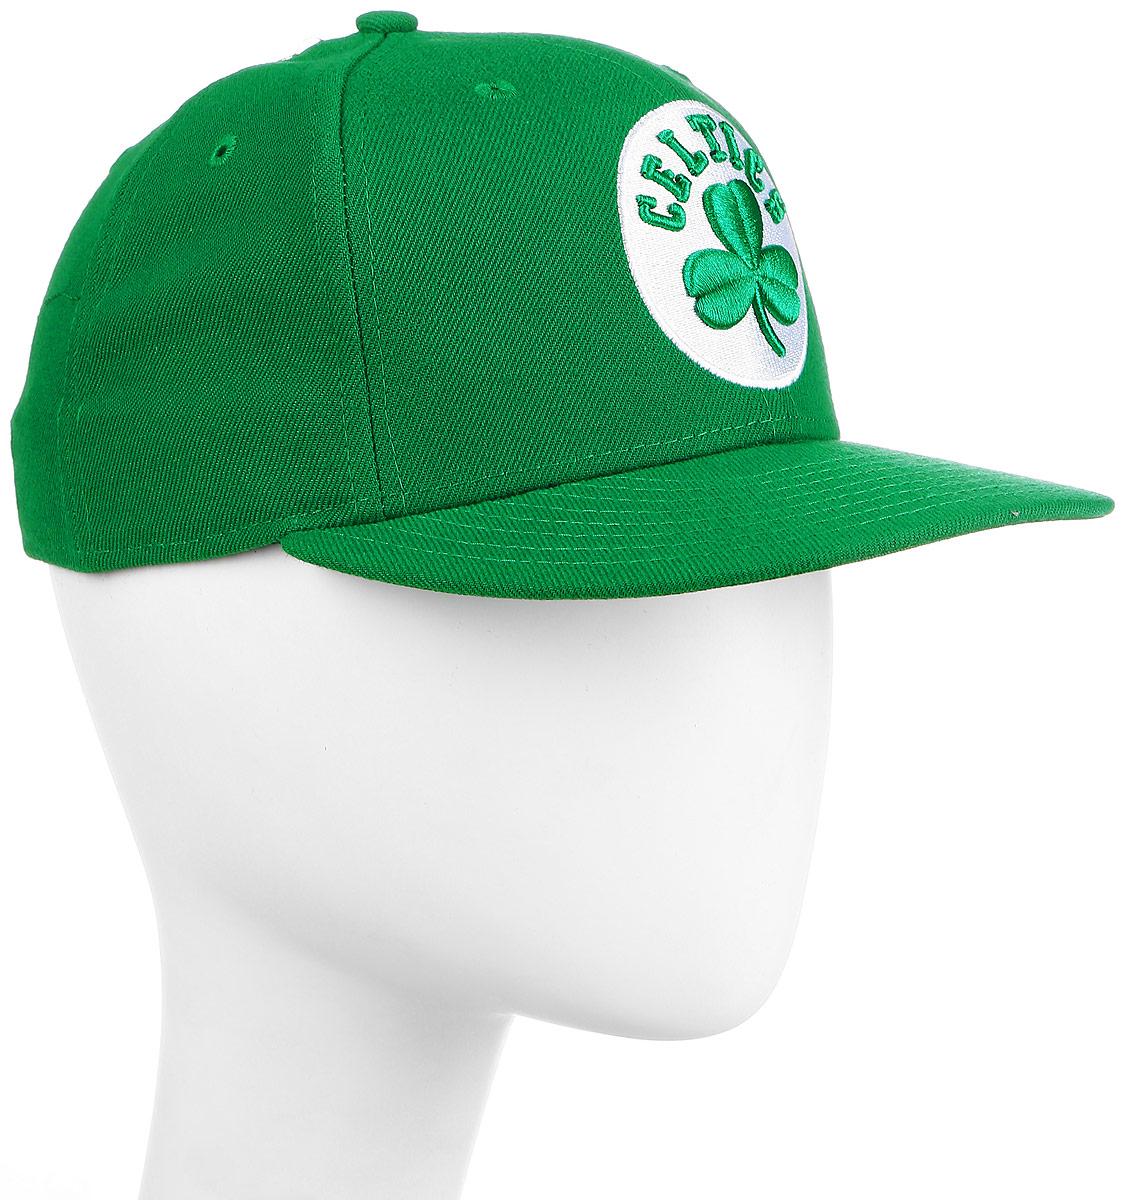 Бейсболка New Era Nba Team Boston Celtics, цвет: зеленый. 11379793-GRN. Размер 7 1/4 (57)11379793-GRNСтильная бейсболка New Era, выполненная из высококачественного материала, идеально подойдет для прогулок, занятий спортом и отдыха.Изделие оформлено объемным вышитым логотипом знаменитой бейсбольной команды Boston Celtics.